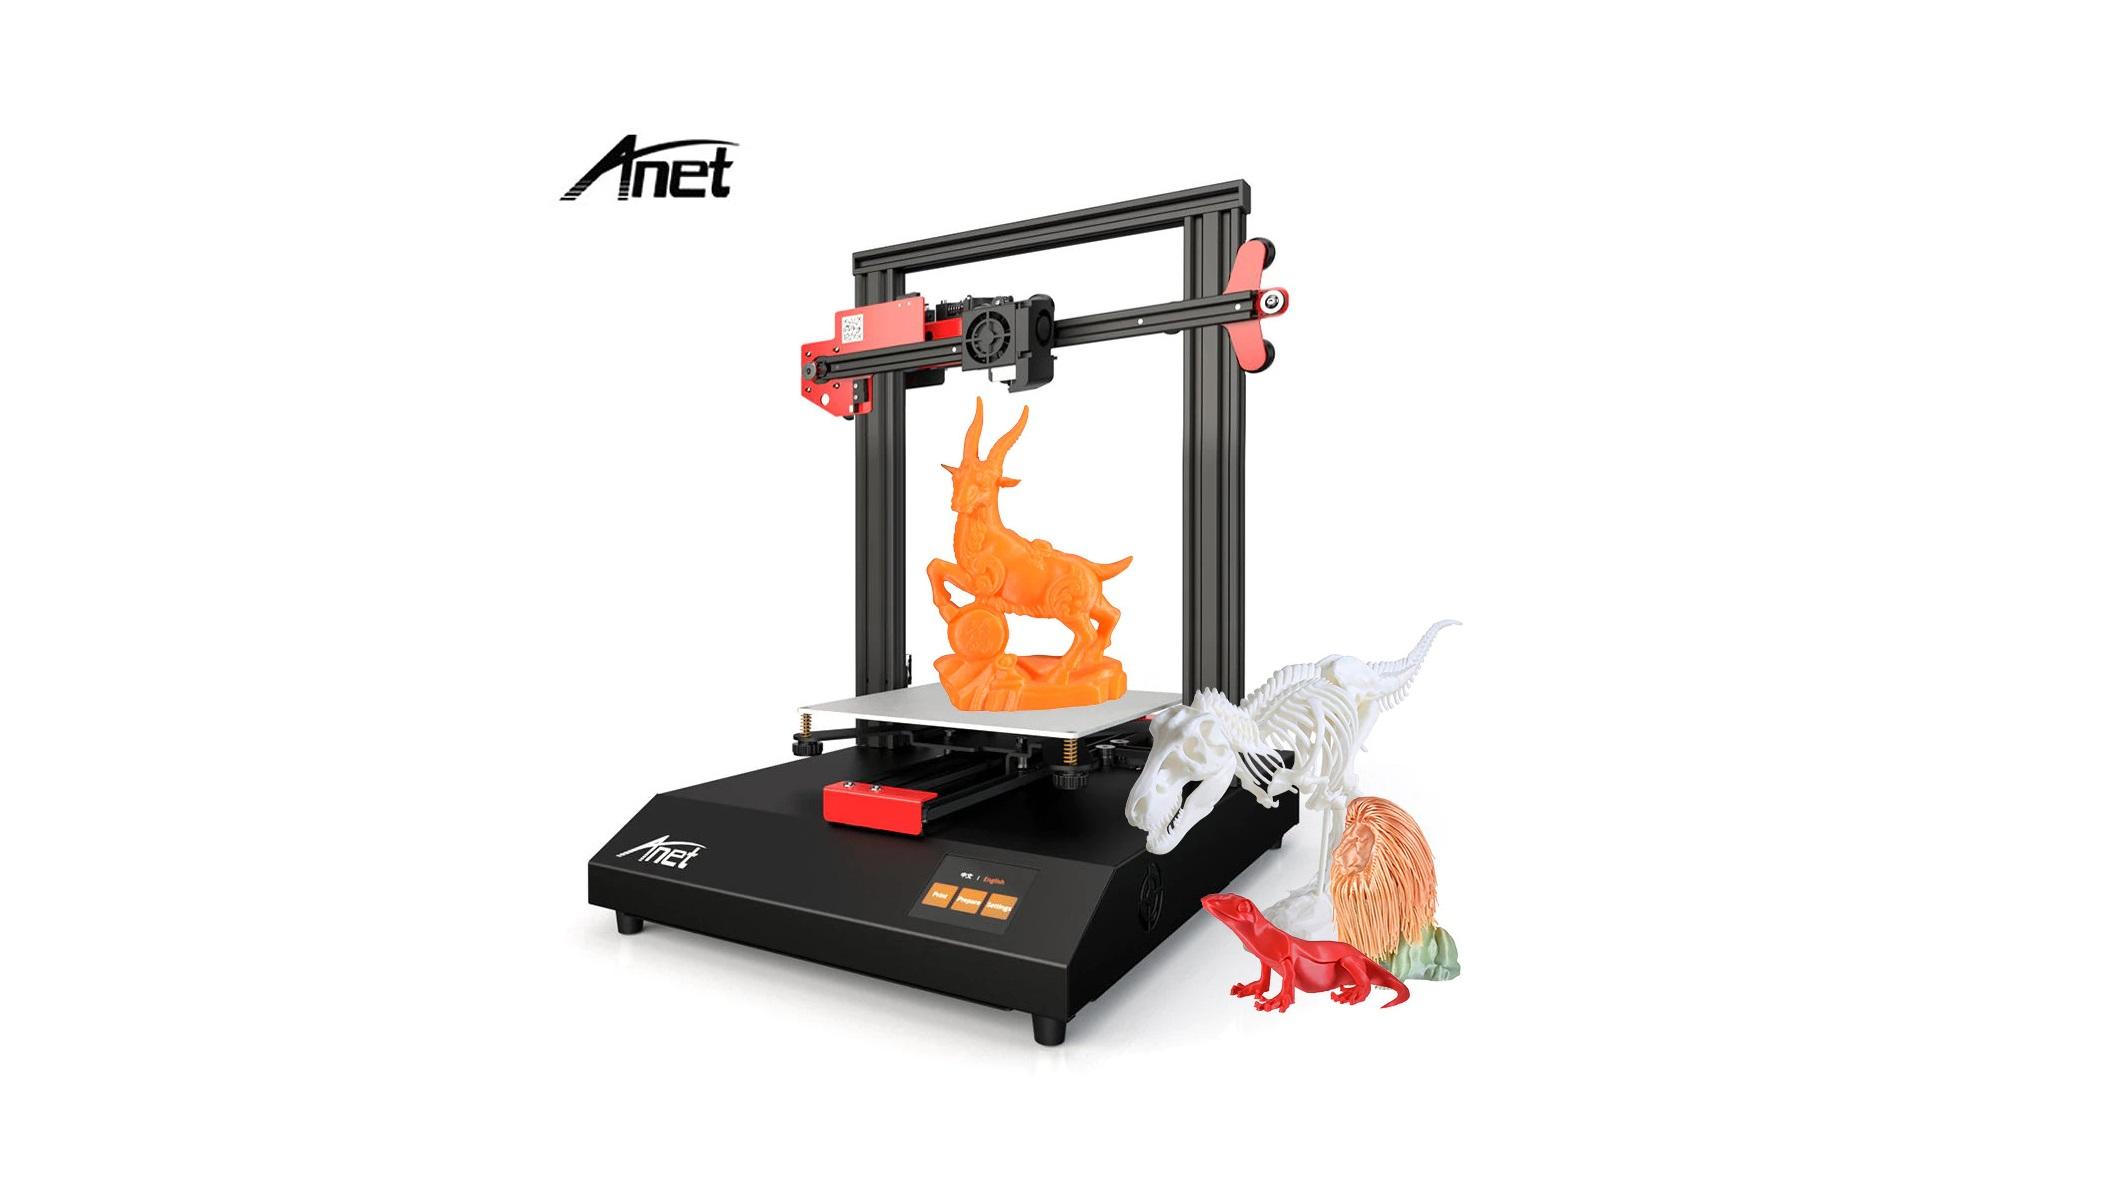 Kupte si 3D tiskárnu Anet již za 2 825 Kč a rovnou z českého skladu! [sponzorovaný článek]